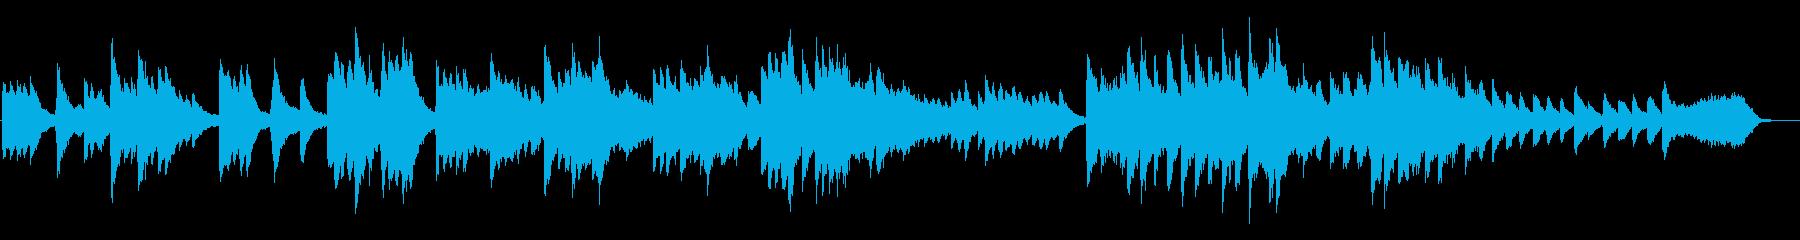 平凡かと思えば後半不可思議な室内楽曲の再生済みの波形